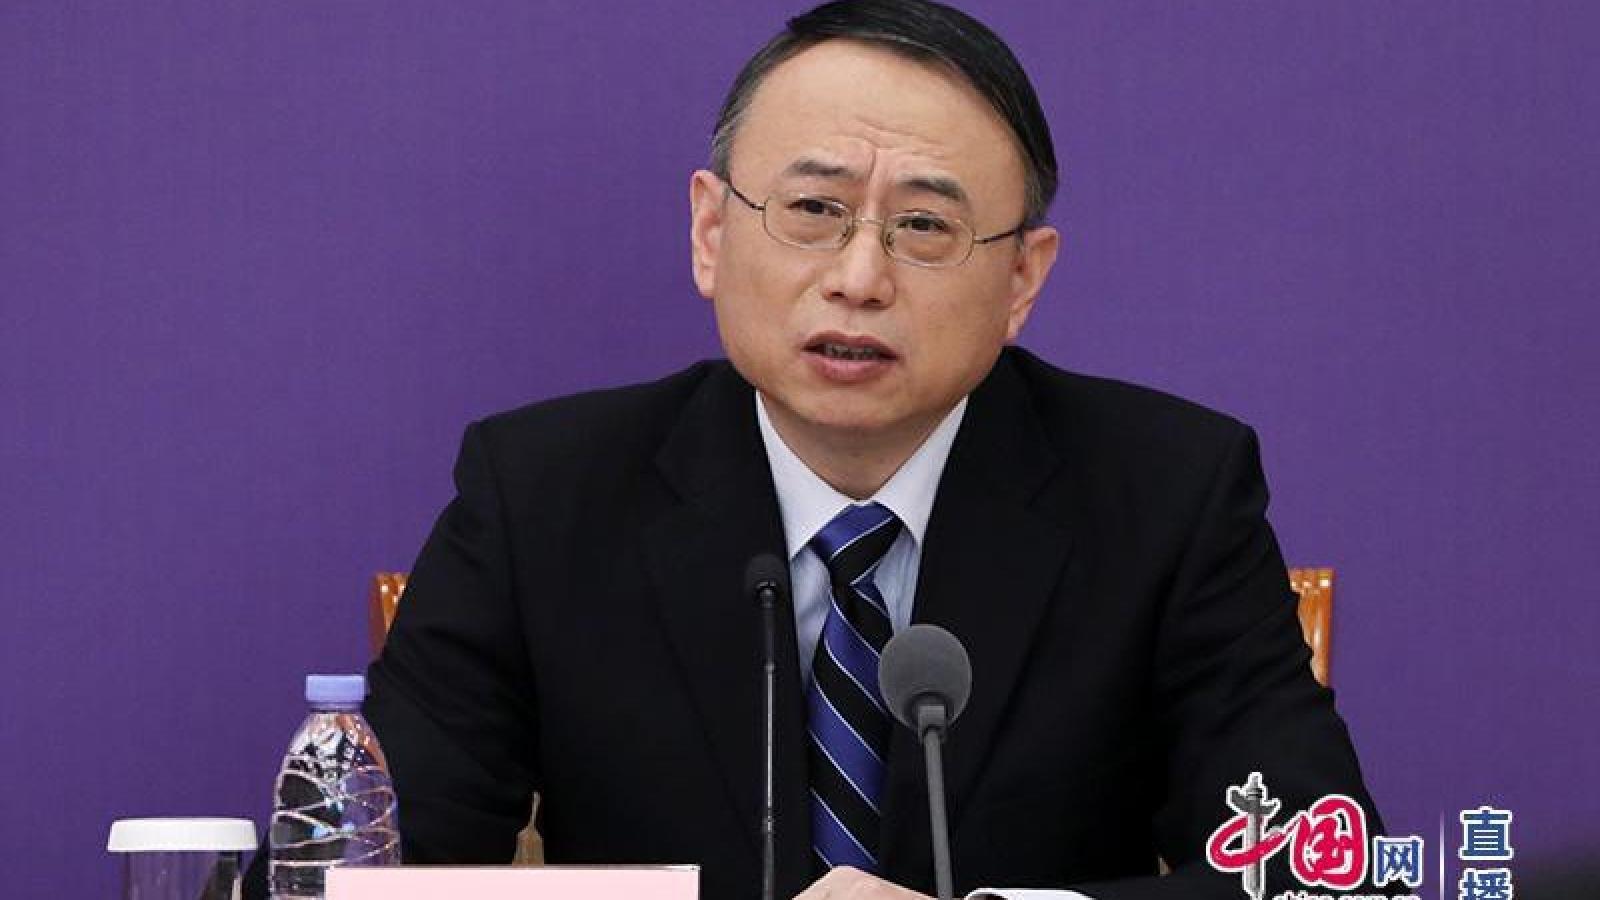 Sinh viên Trung Quốc đối mặt với áp lực tìm việc do đại dịch Covid-19